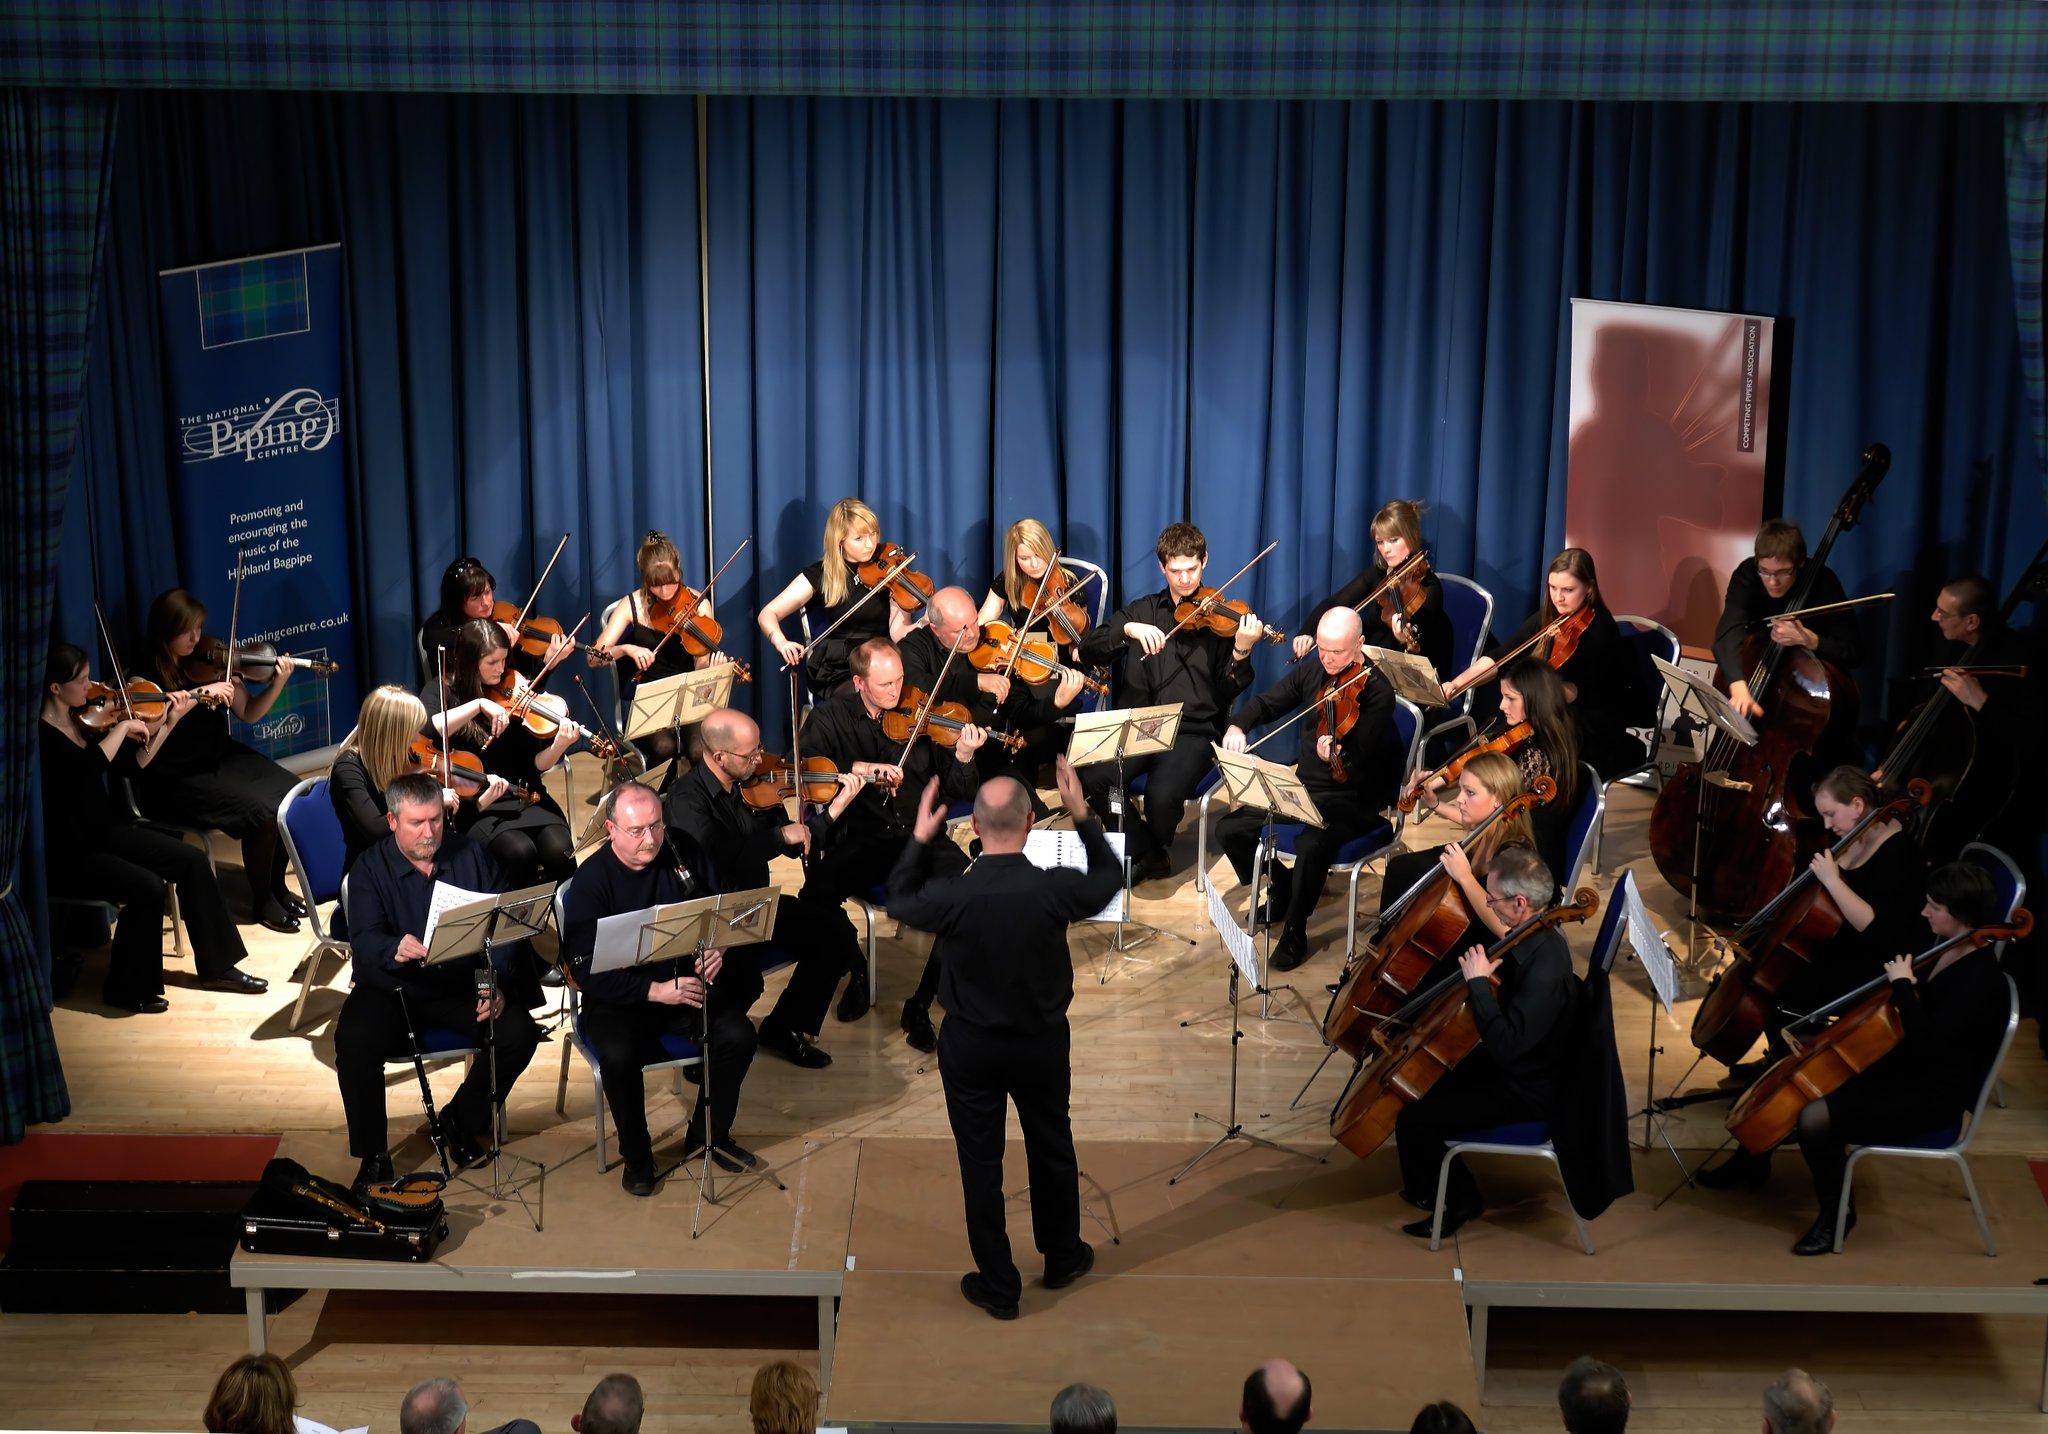 Suite for Alan premiere - March 2010